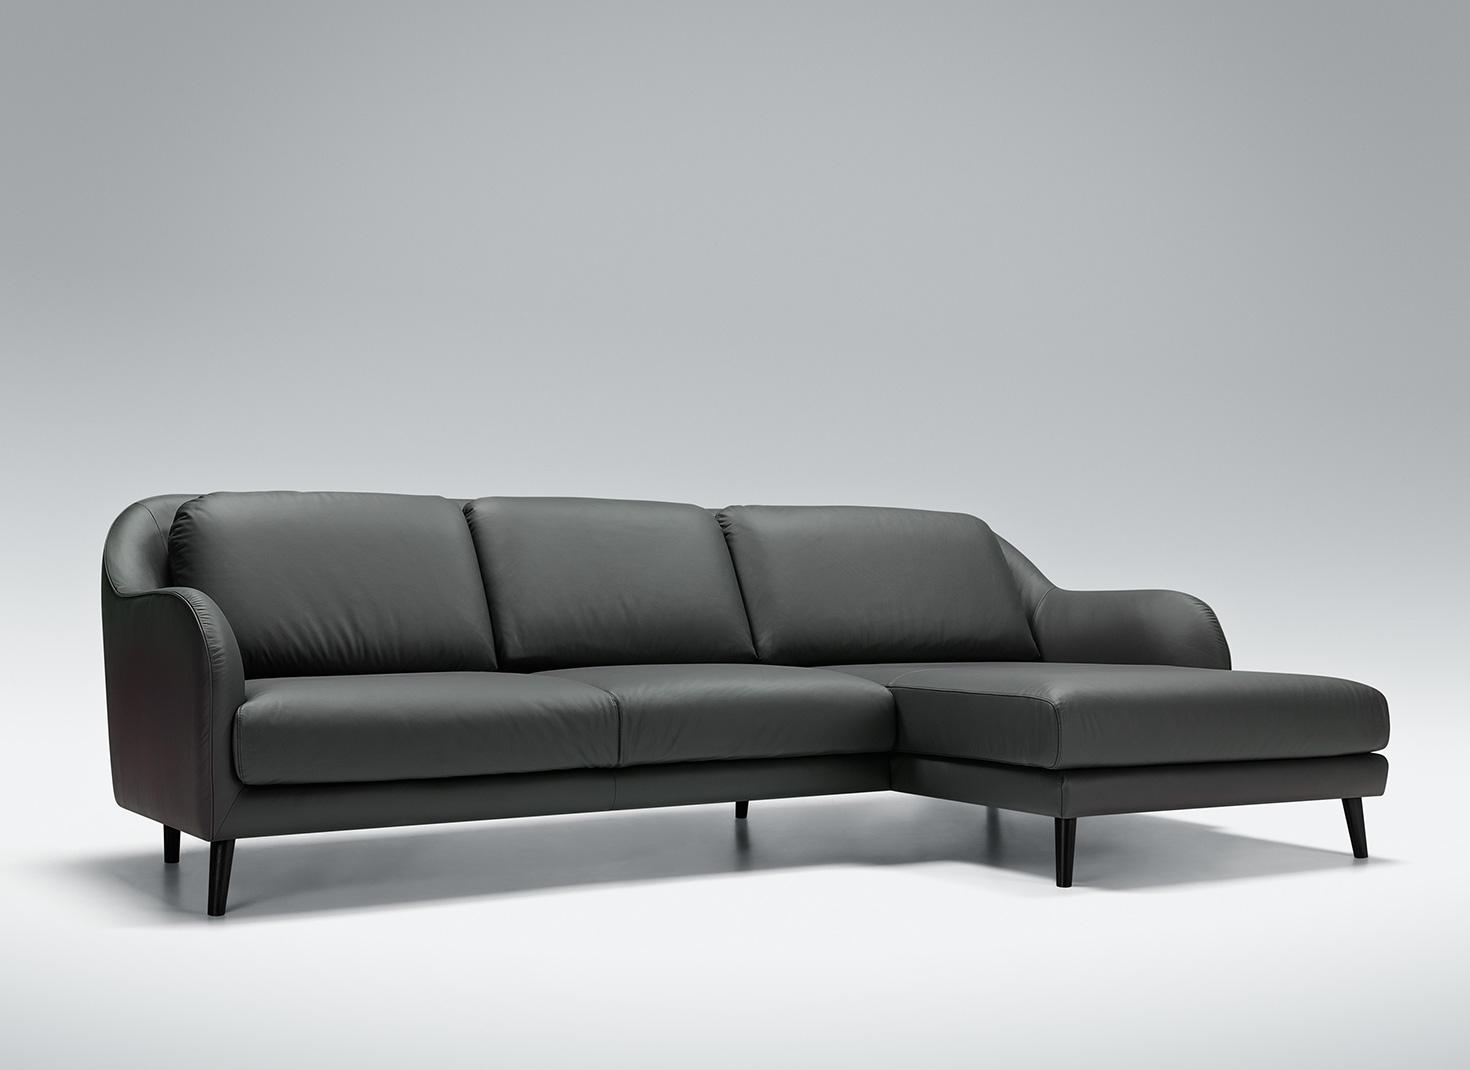 Ibsen corner sofa - set 1